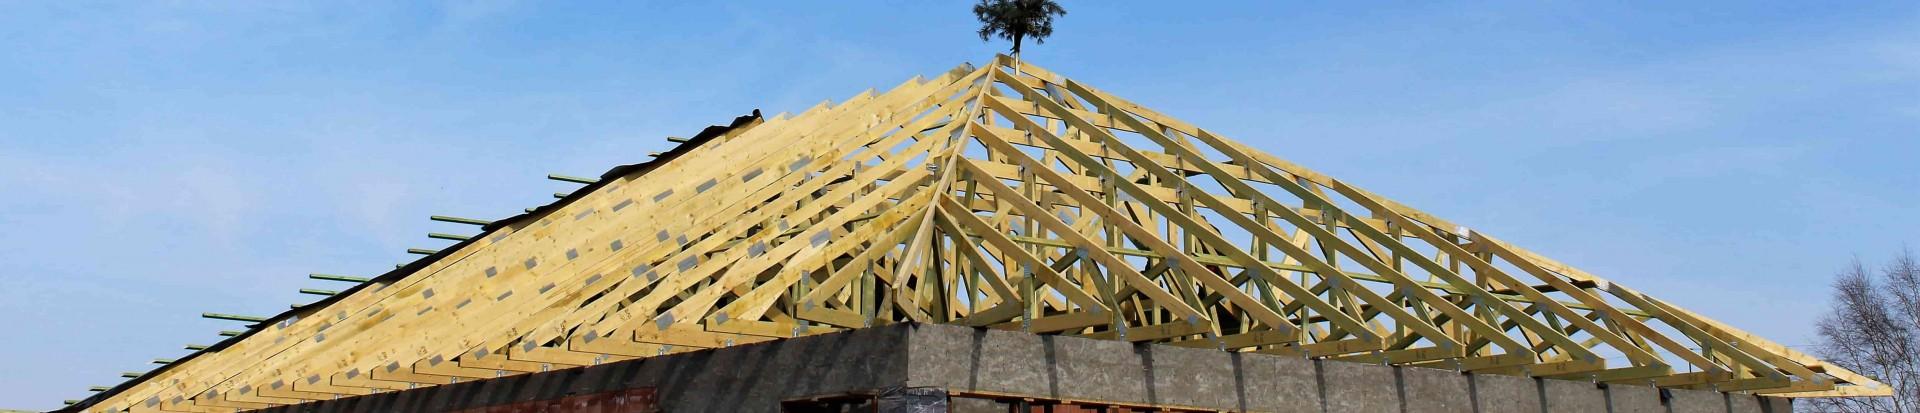 Wiązarowa konstrukcja dachu domu w Rosanowie